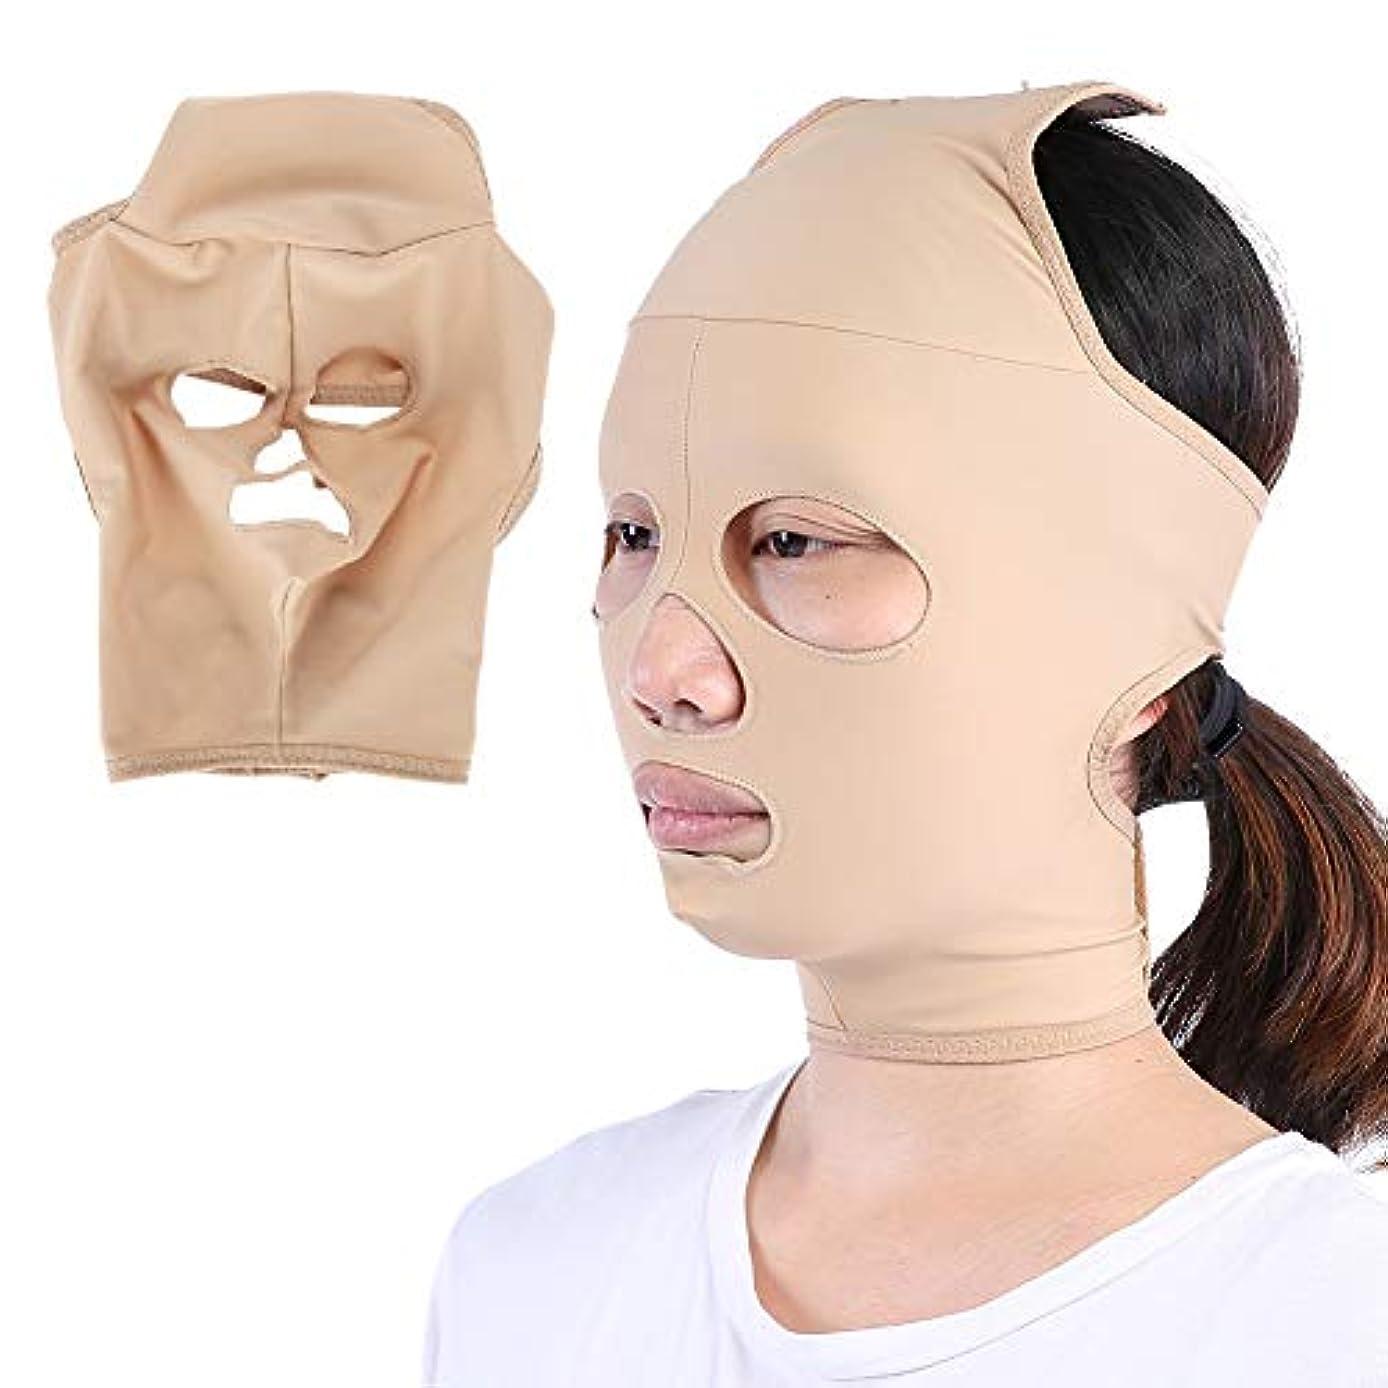 テロリスト定期的な補助顔の减量のベルト、完全なカバレッジ 顔のVラインを向上させる 二重顎を減らす二重顎、スキンケア包帯(M)